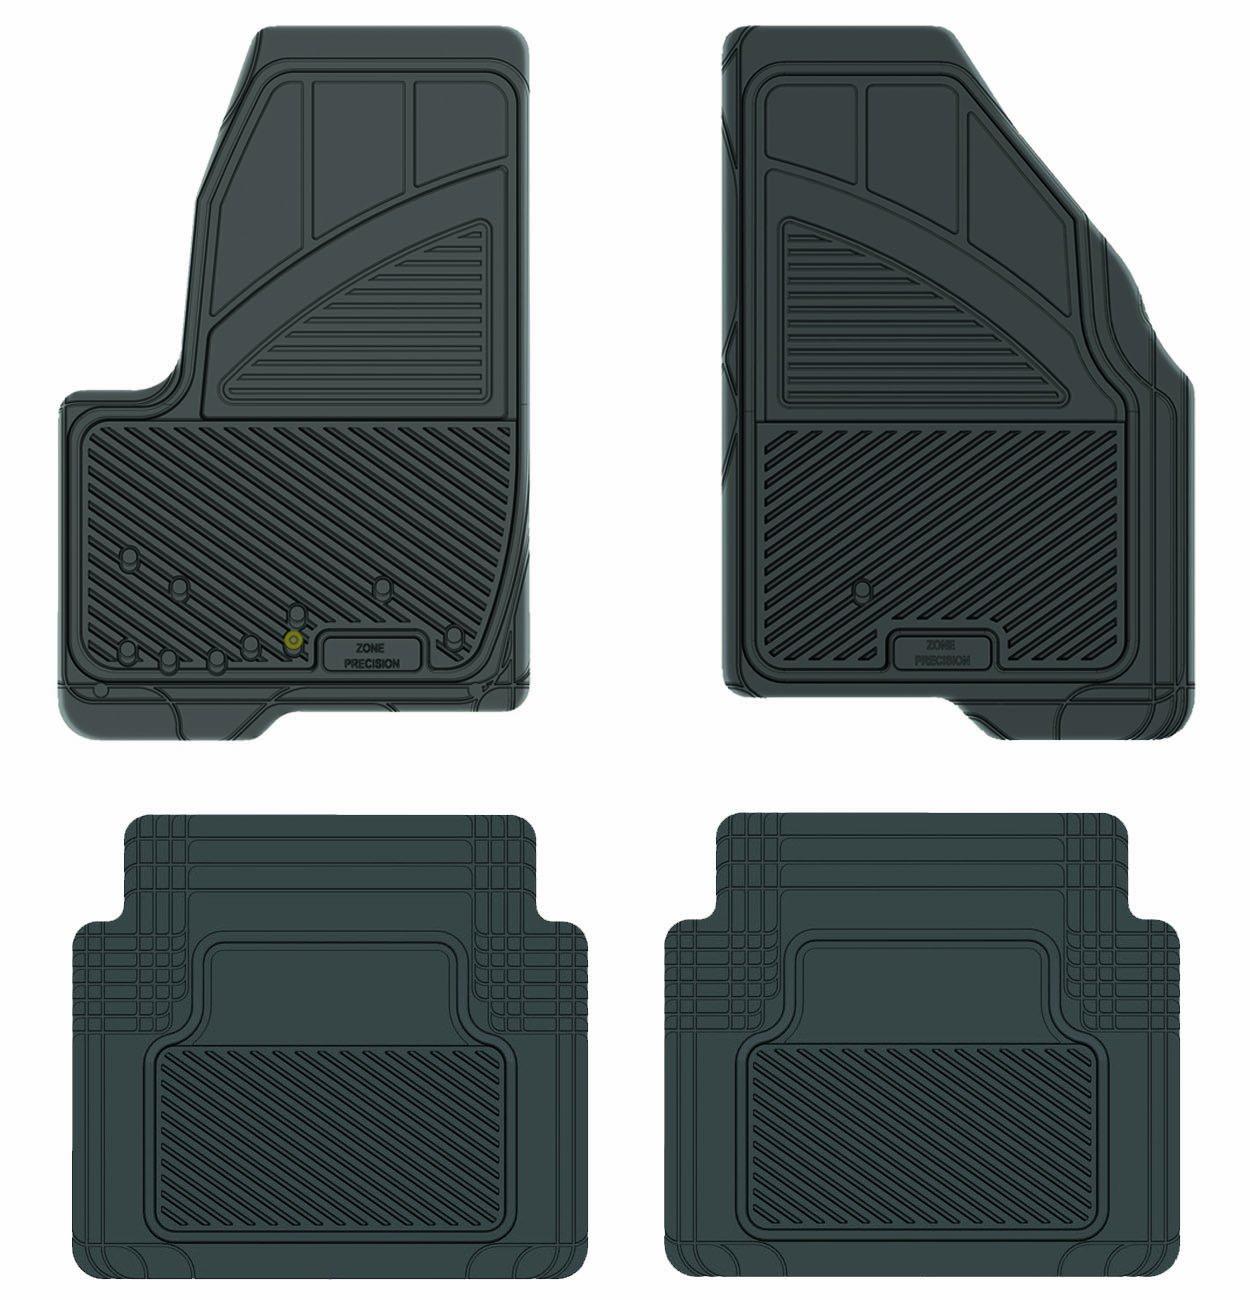 Koolatron Pants Saver Custom Fit 4 Piece All Weather Car Mat Black